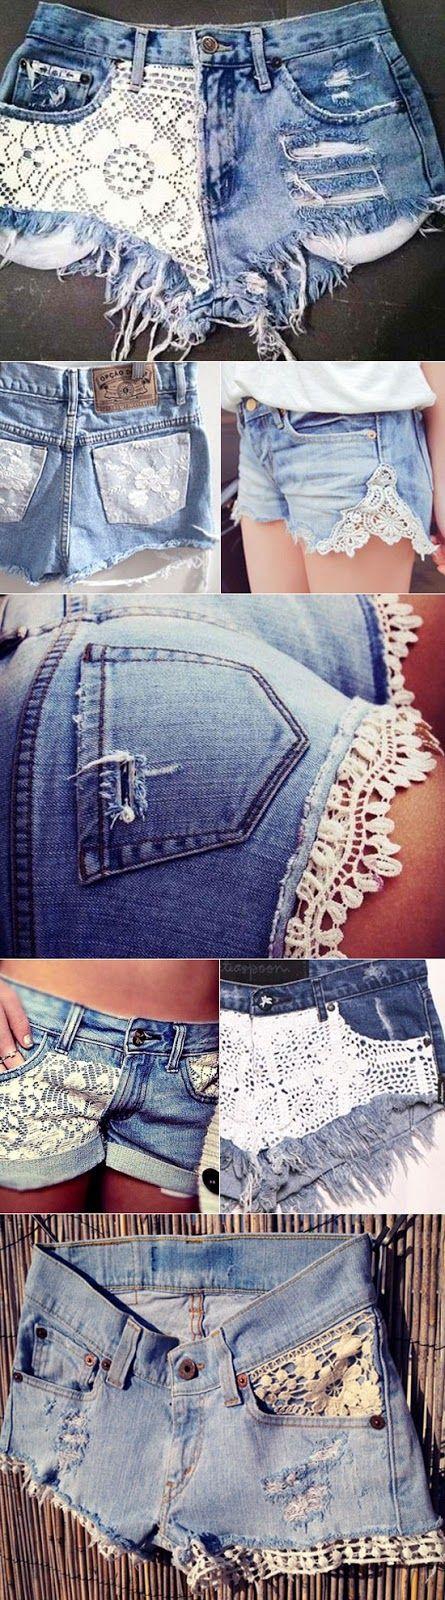 ::: OutsaPop Trashion ::: DIY fashion by Outi Pyy :::: DIY lace shorts